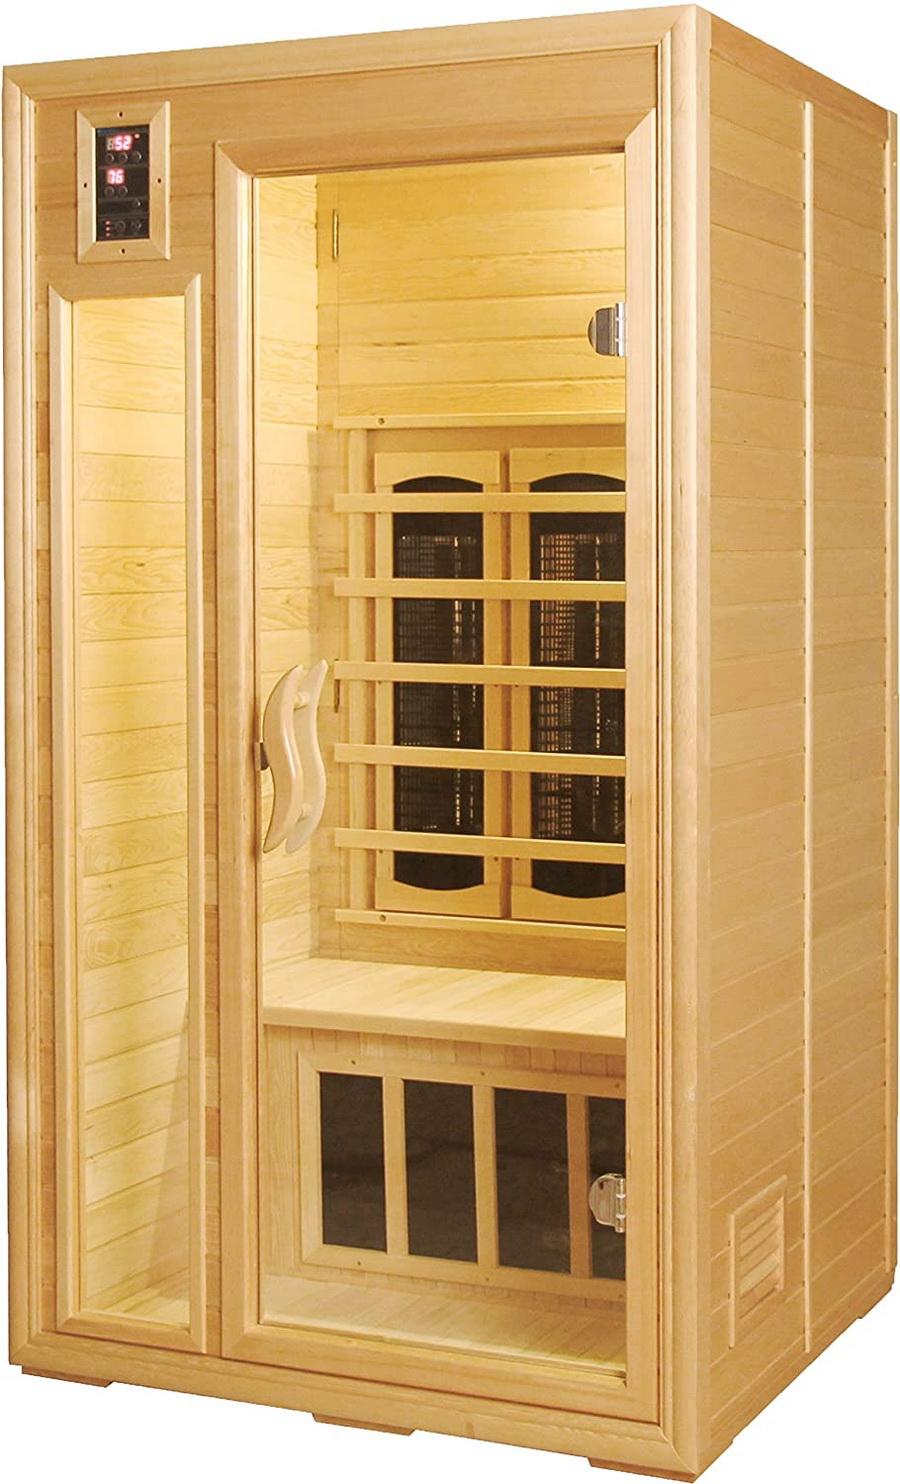 Sunheat SH1200-GD Personal Infrared Sauna